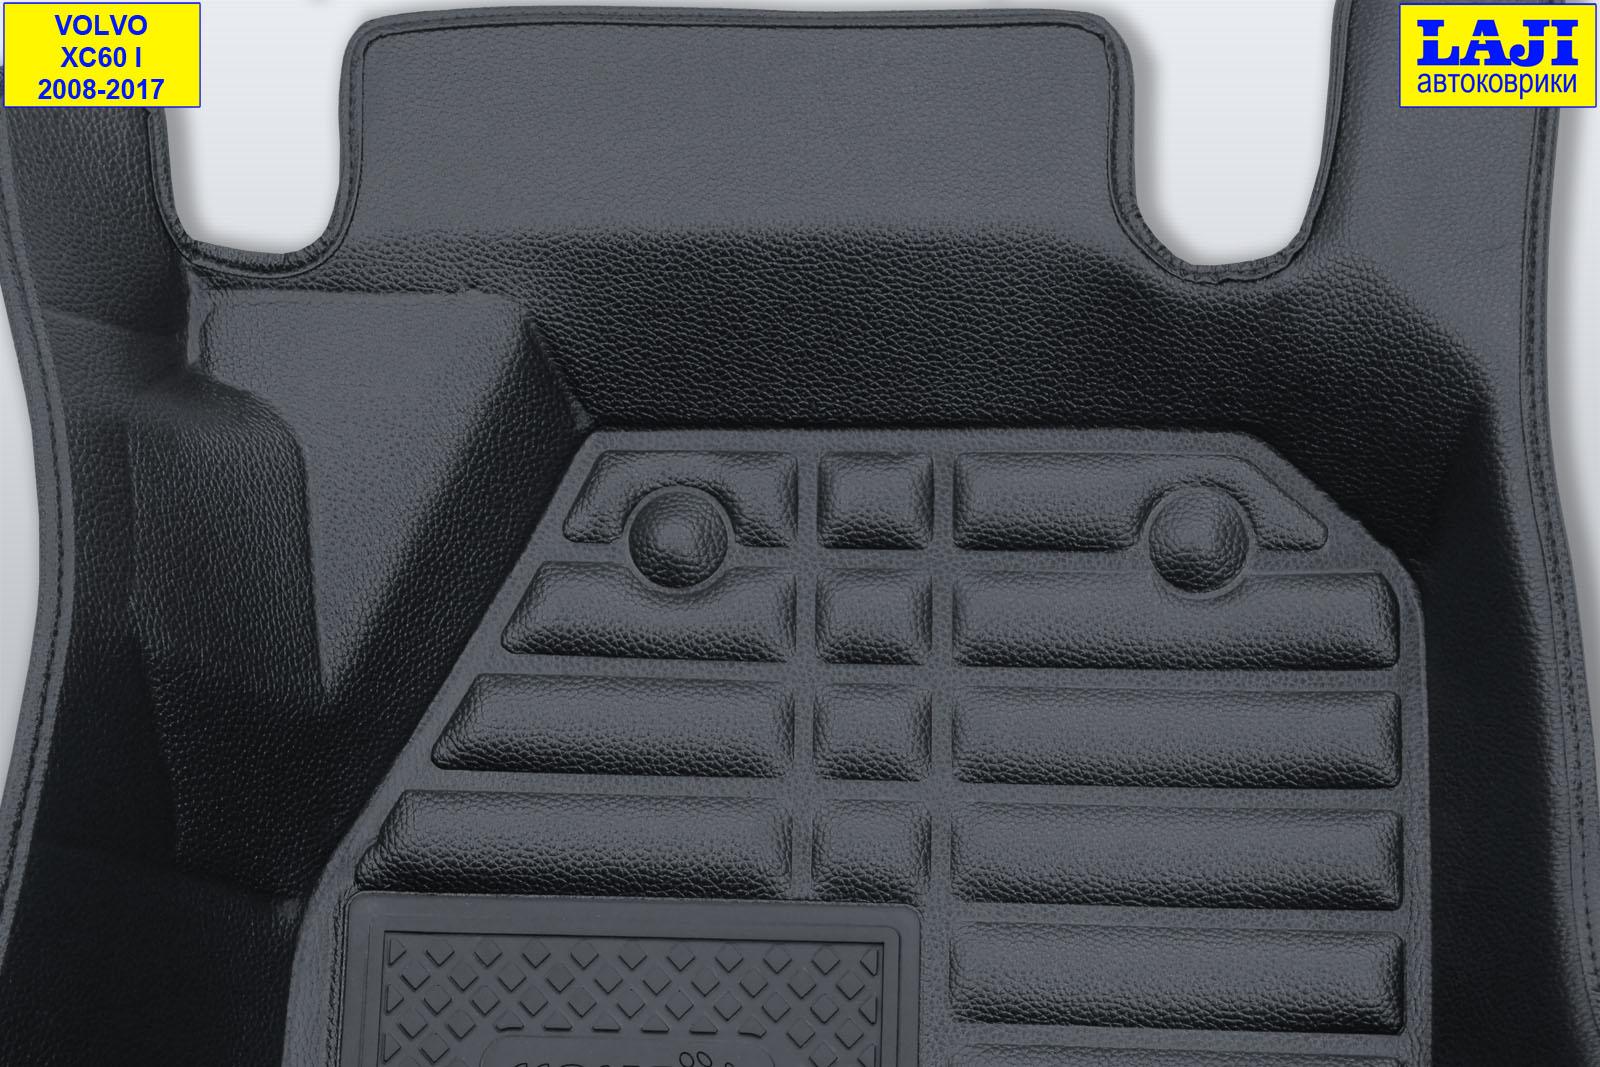 5D коврики в салон Volvo XC60 I 2008-2017 8